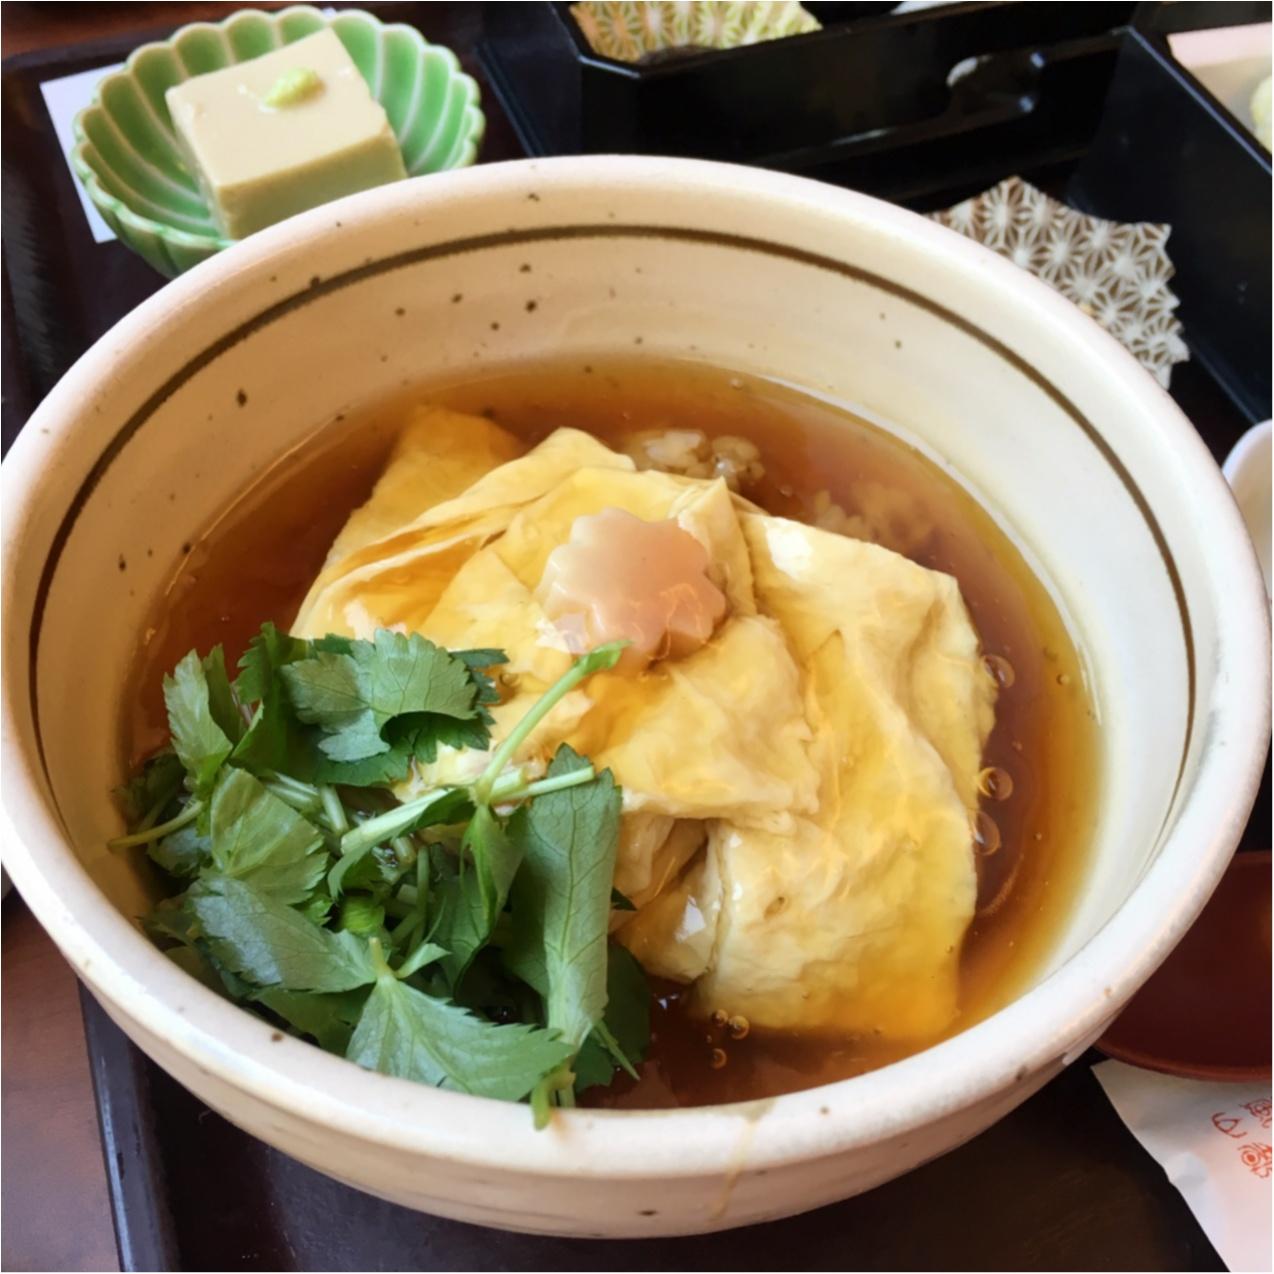 お豆腐好きな女子必見♪ 京都で美味しい豆腐料理が食べられるお店♡_4